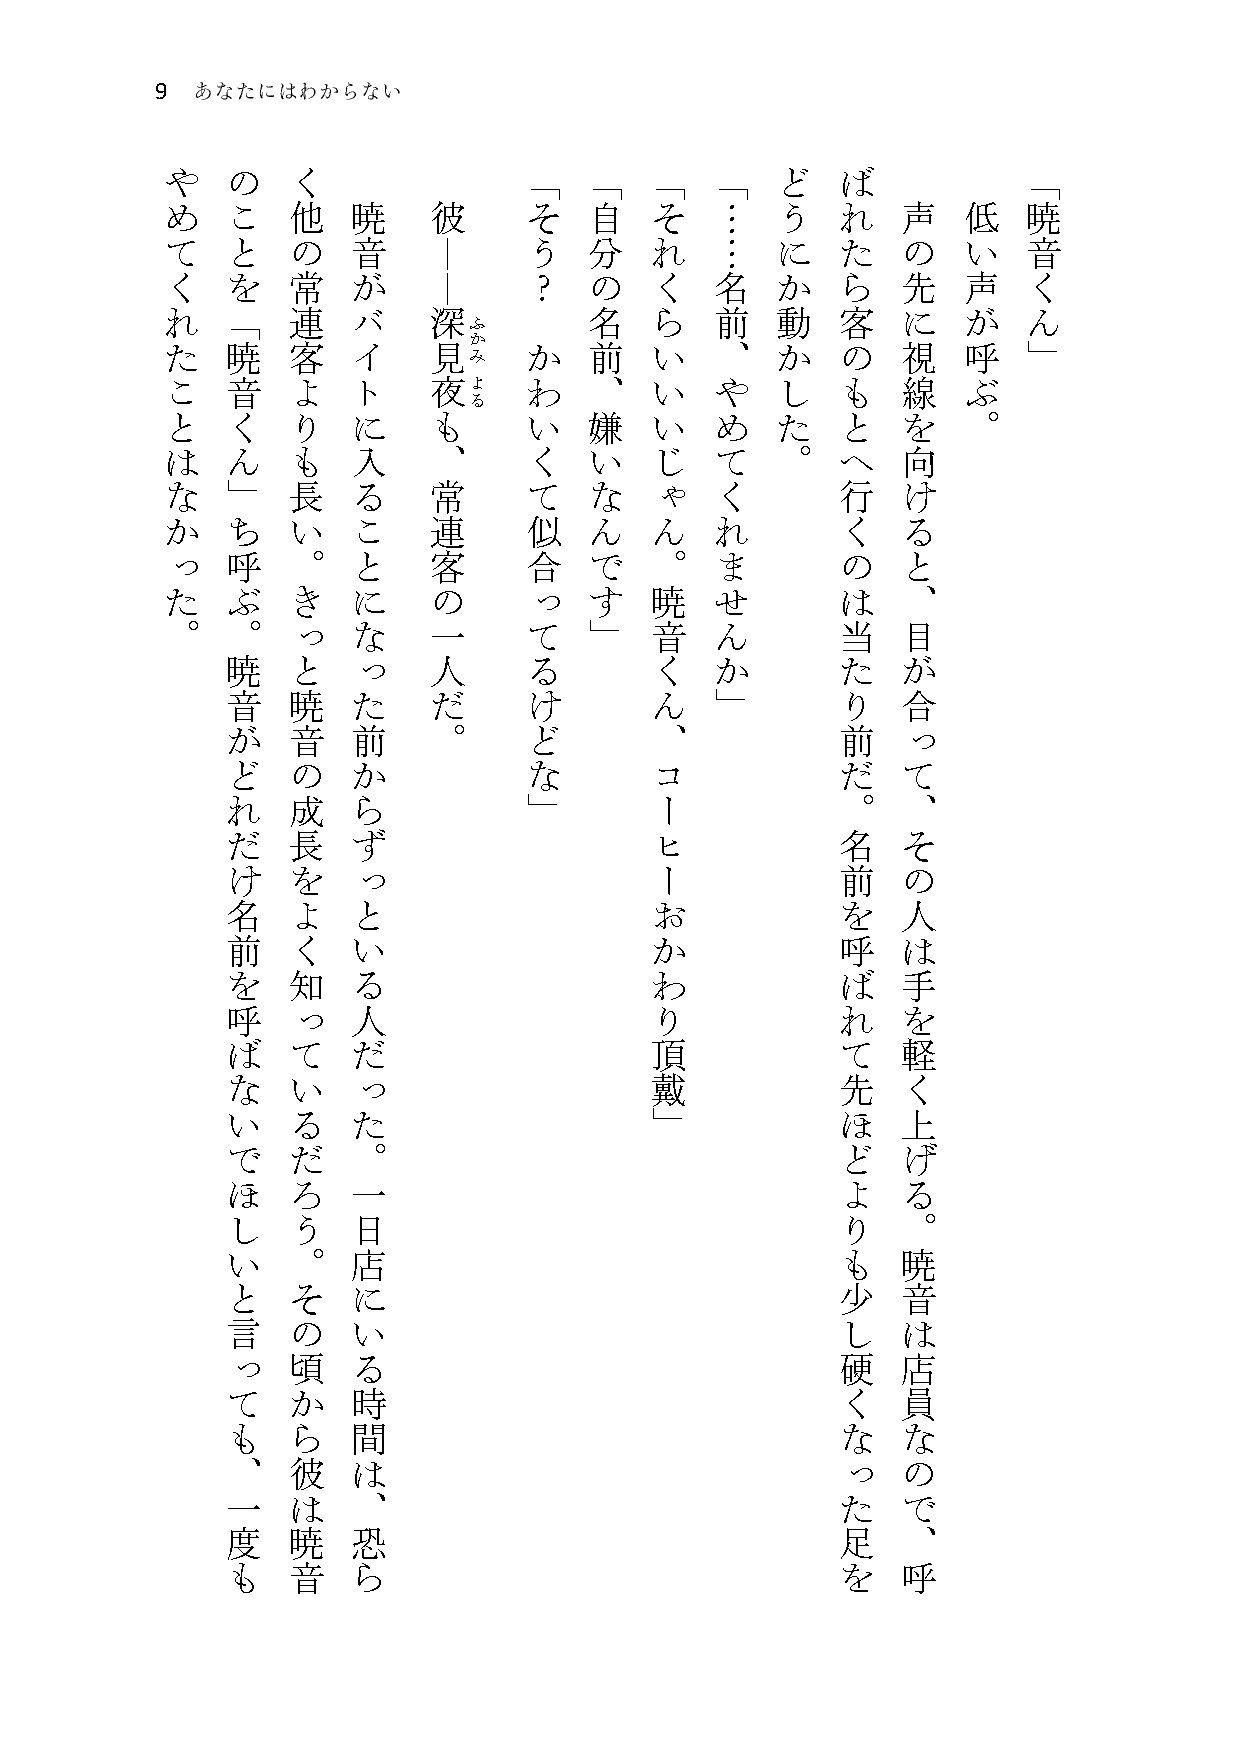 サンプル画像1:あなたにはわからない(Conscious) [d_196508]